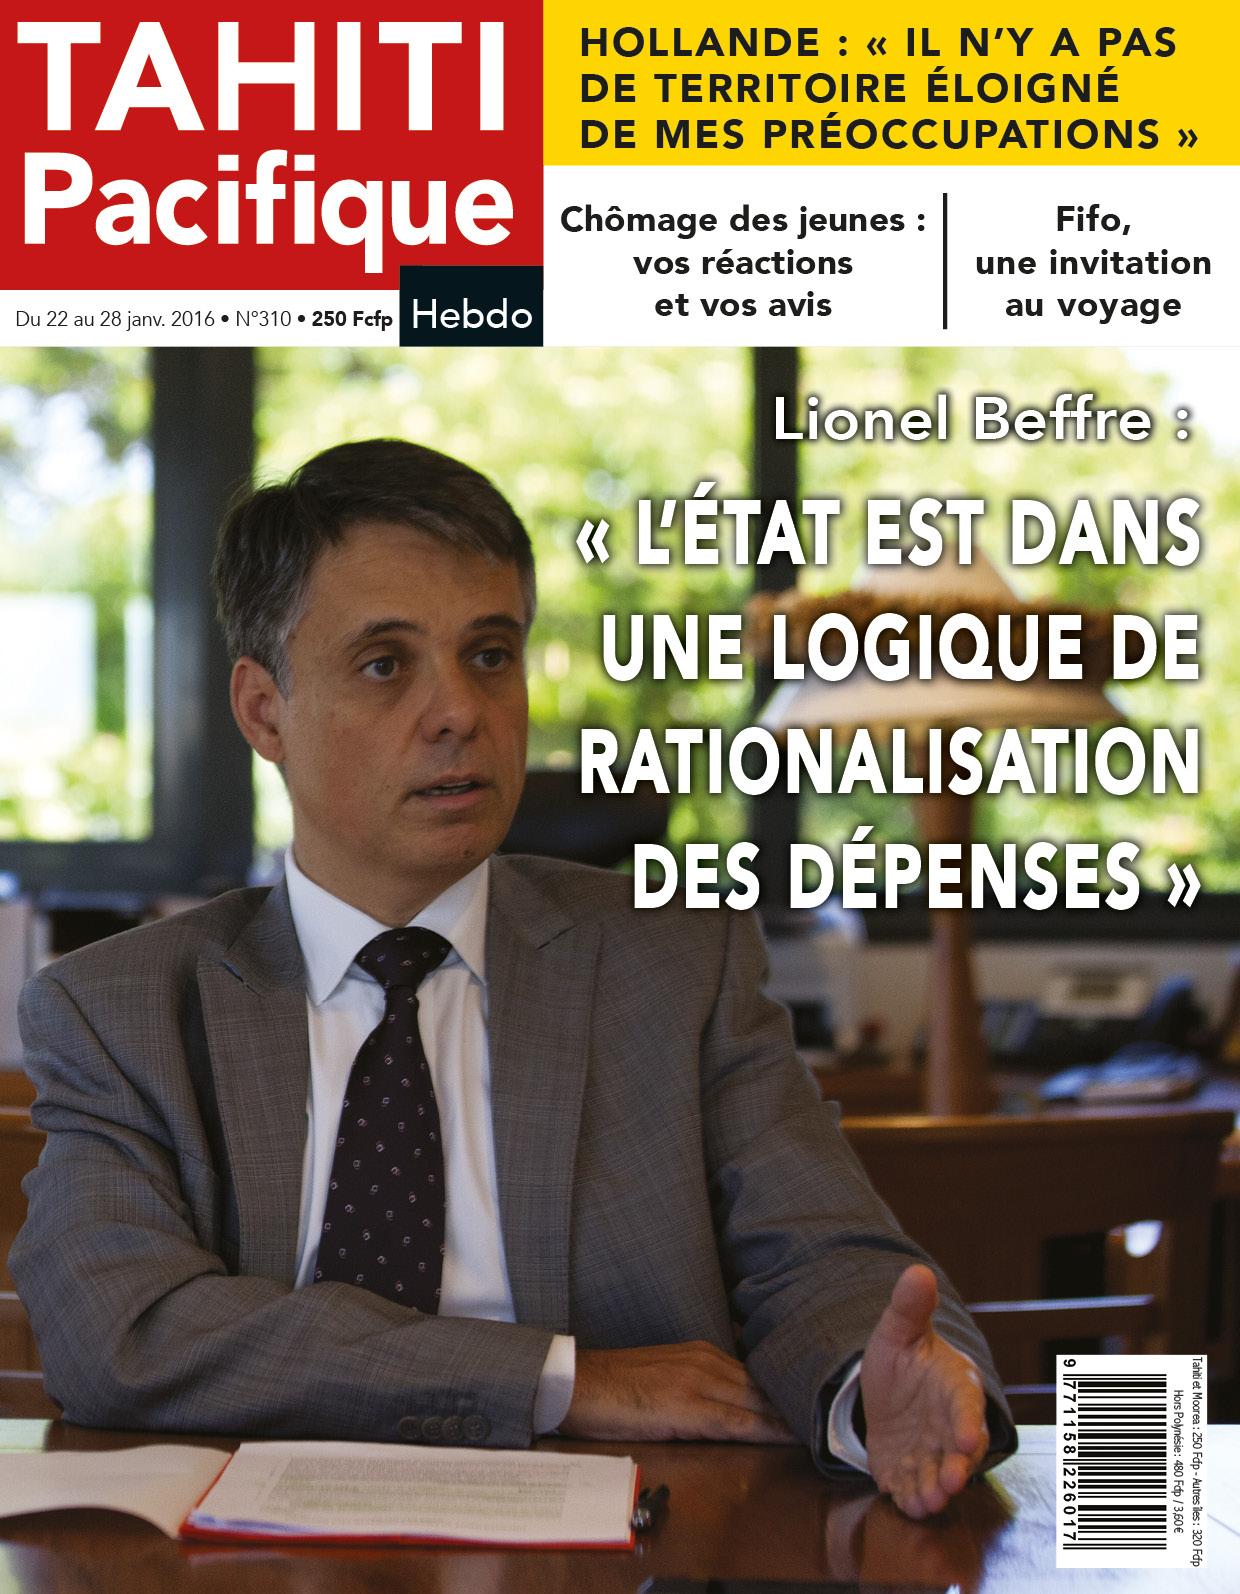 L'interview de Lionel Beffre à la Une de Tahiti Pacifique Hebdo